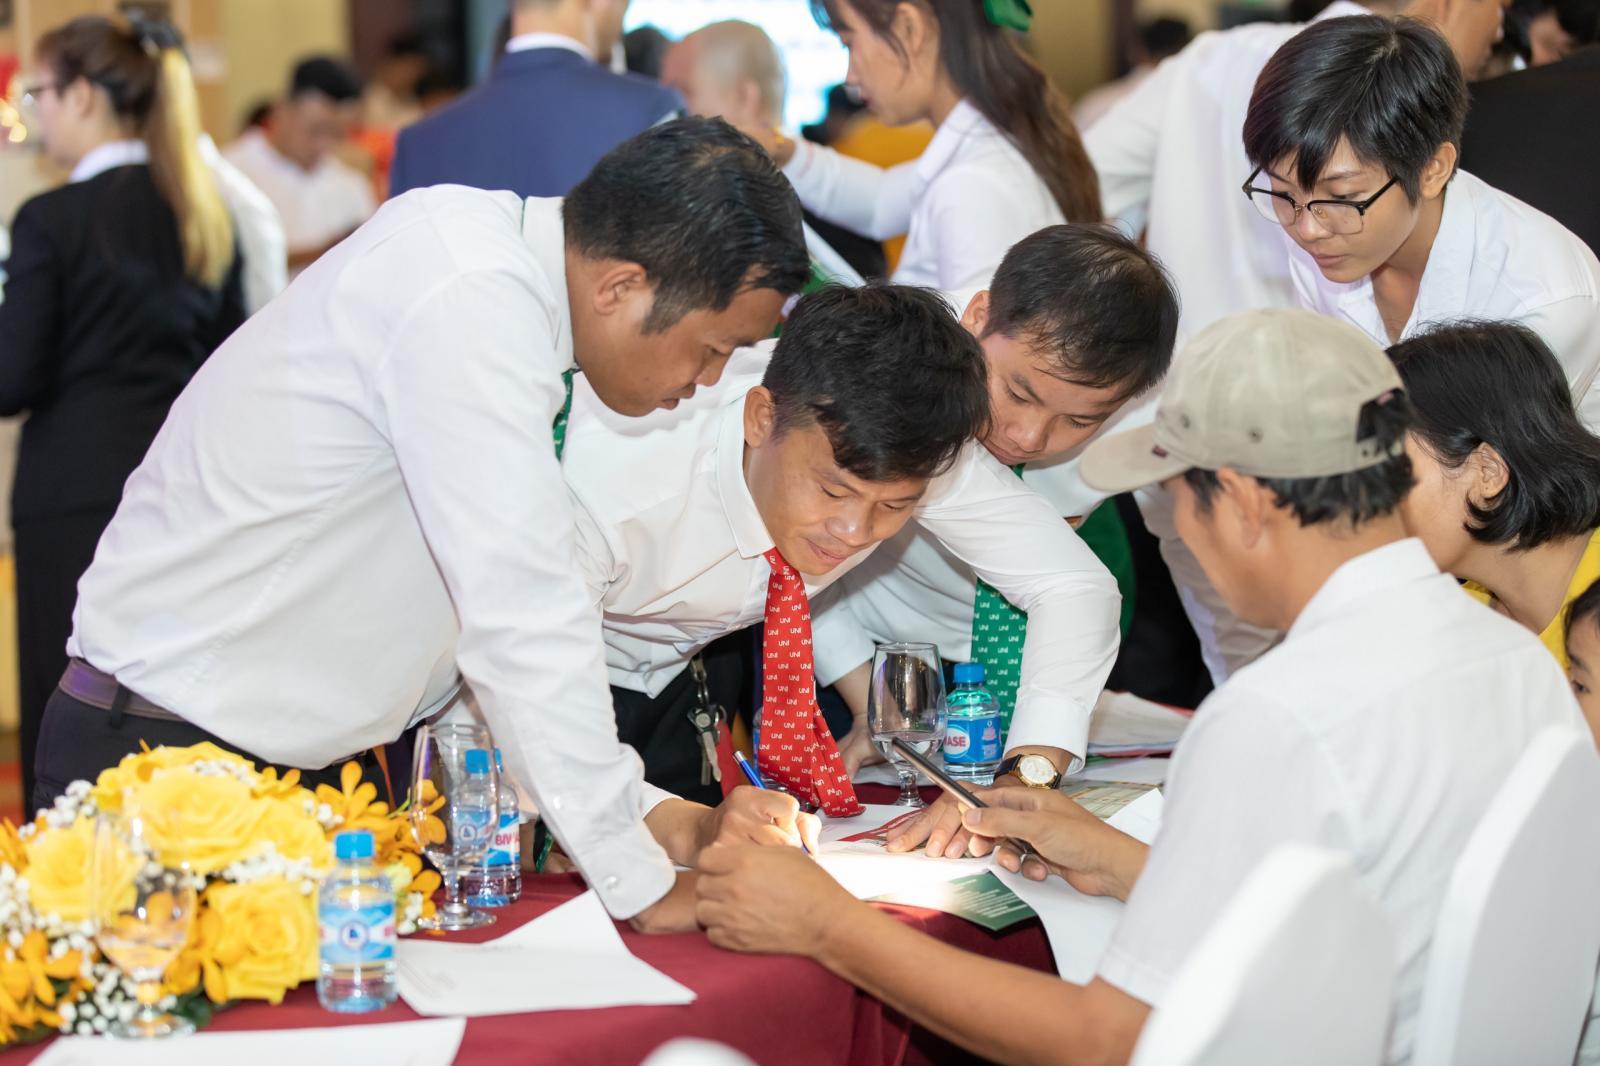 nhóm người đang hướng dẫn hoàn thiện thủ tục giấy tờ